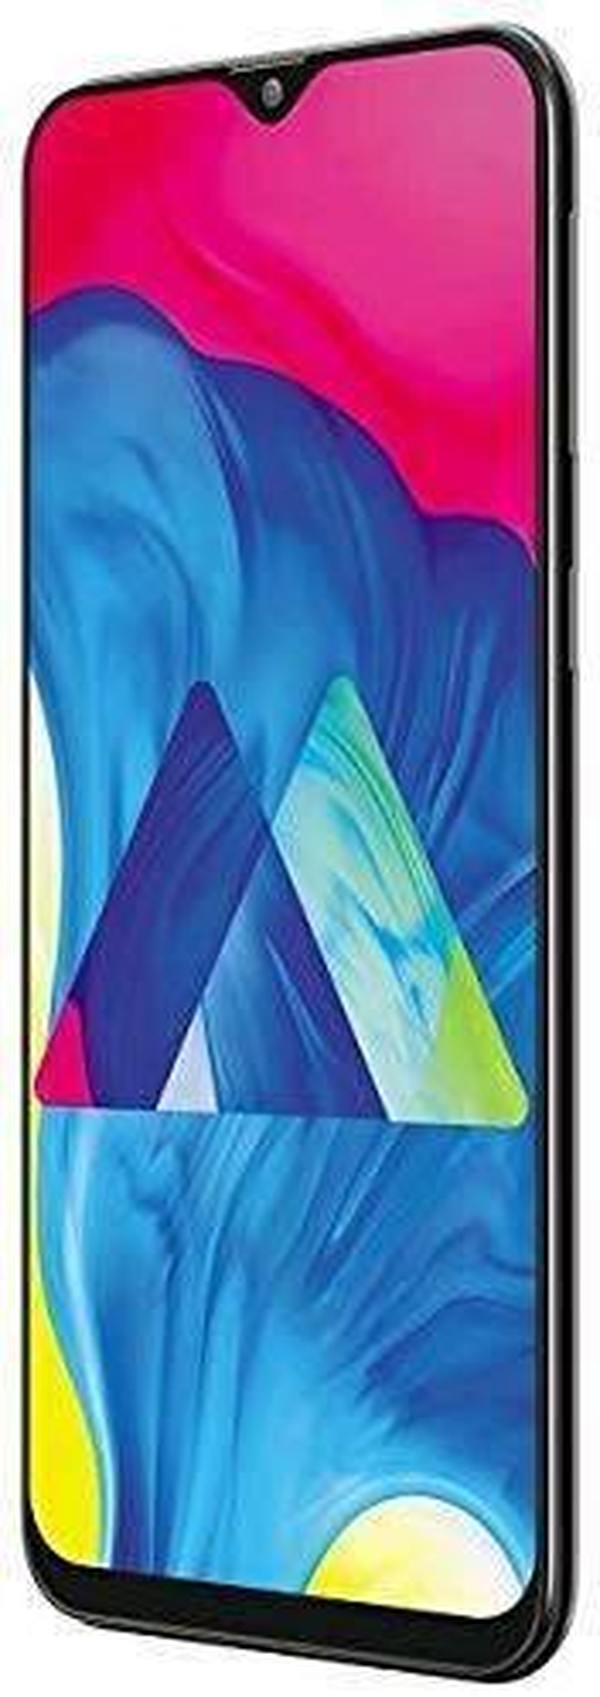 Смартфон Samsung Galaxy M10s — достоинства и недостатки